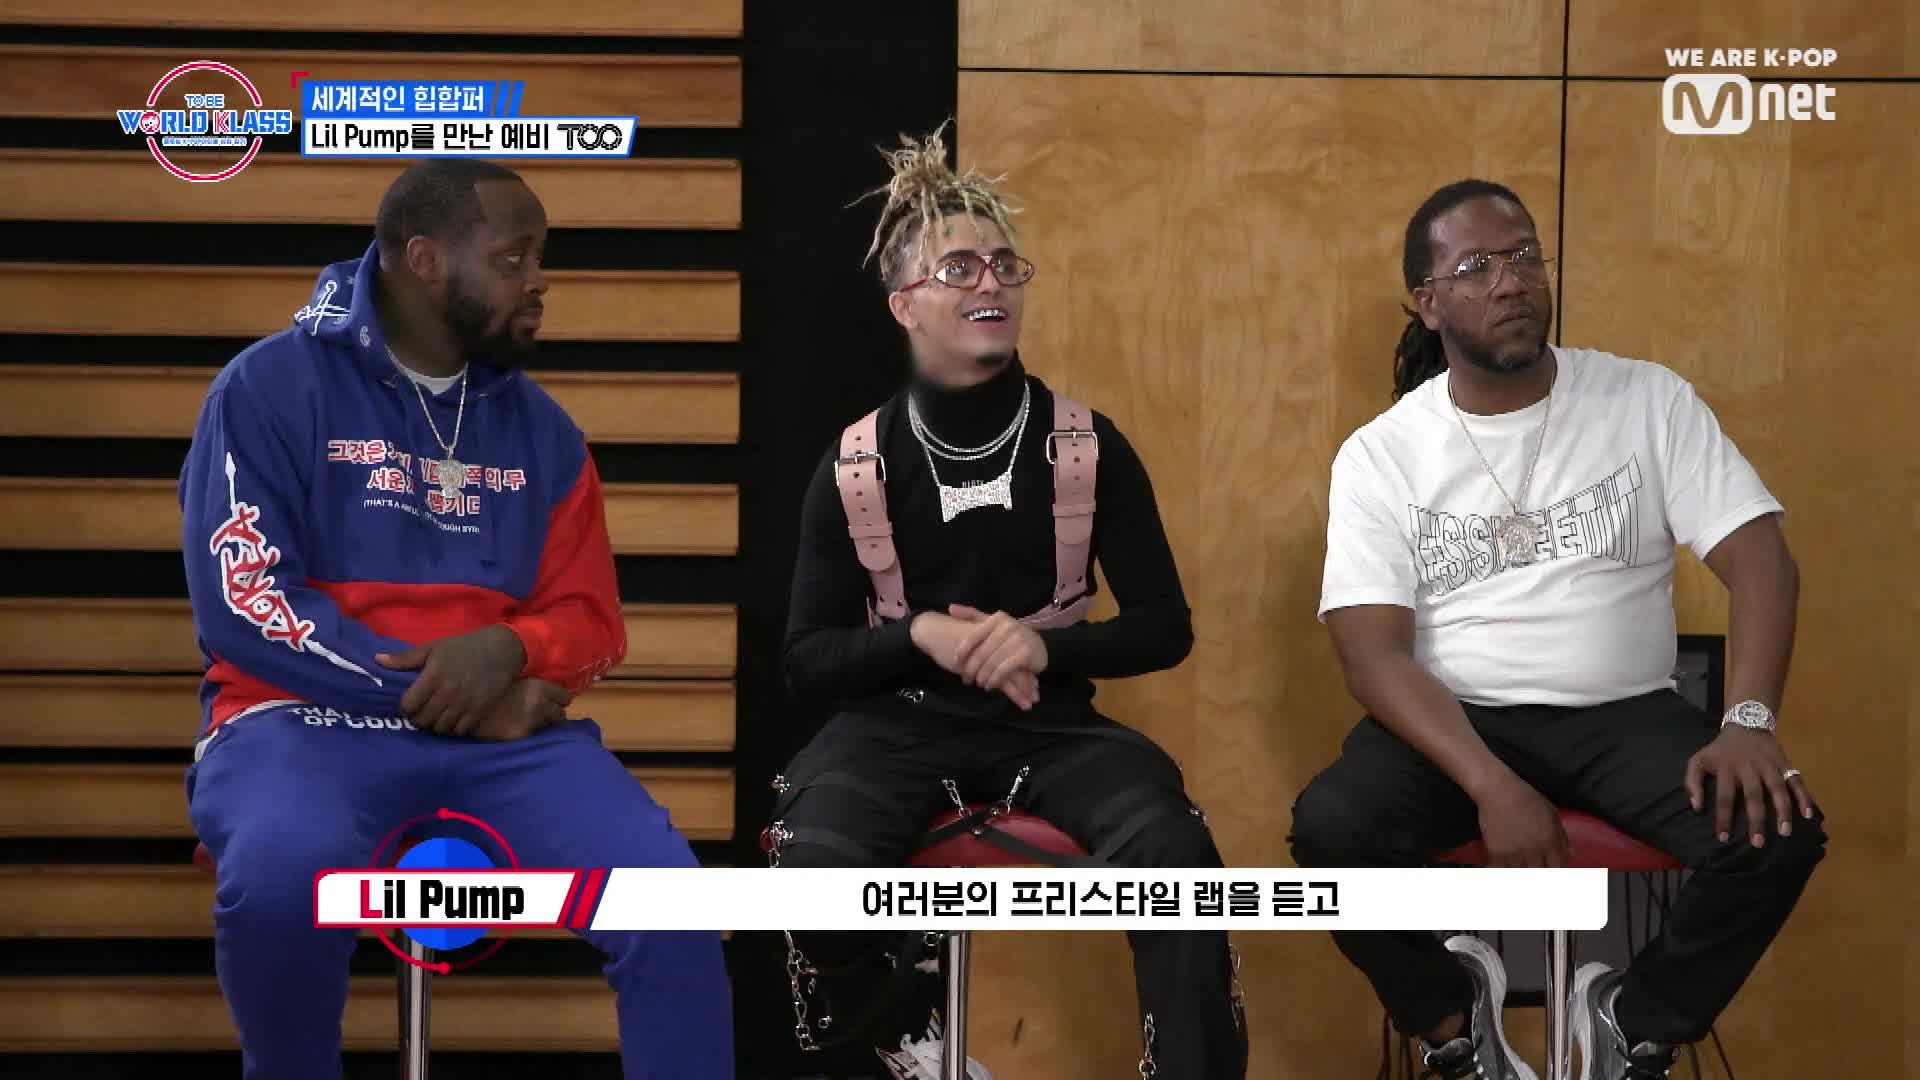 [5회] '스페셜 베네핏 제공' 랩 포지션 6인의 프리스타일 랩